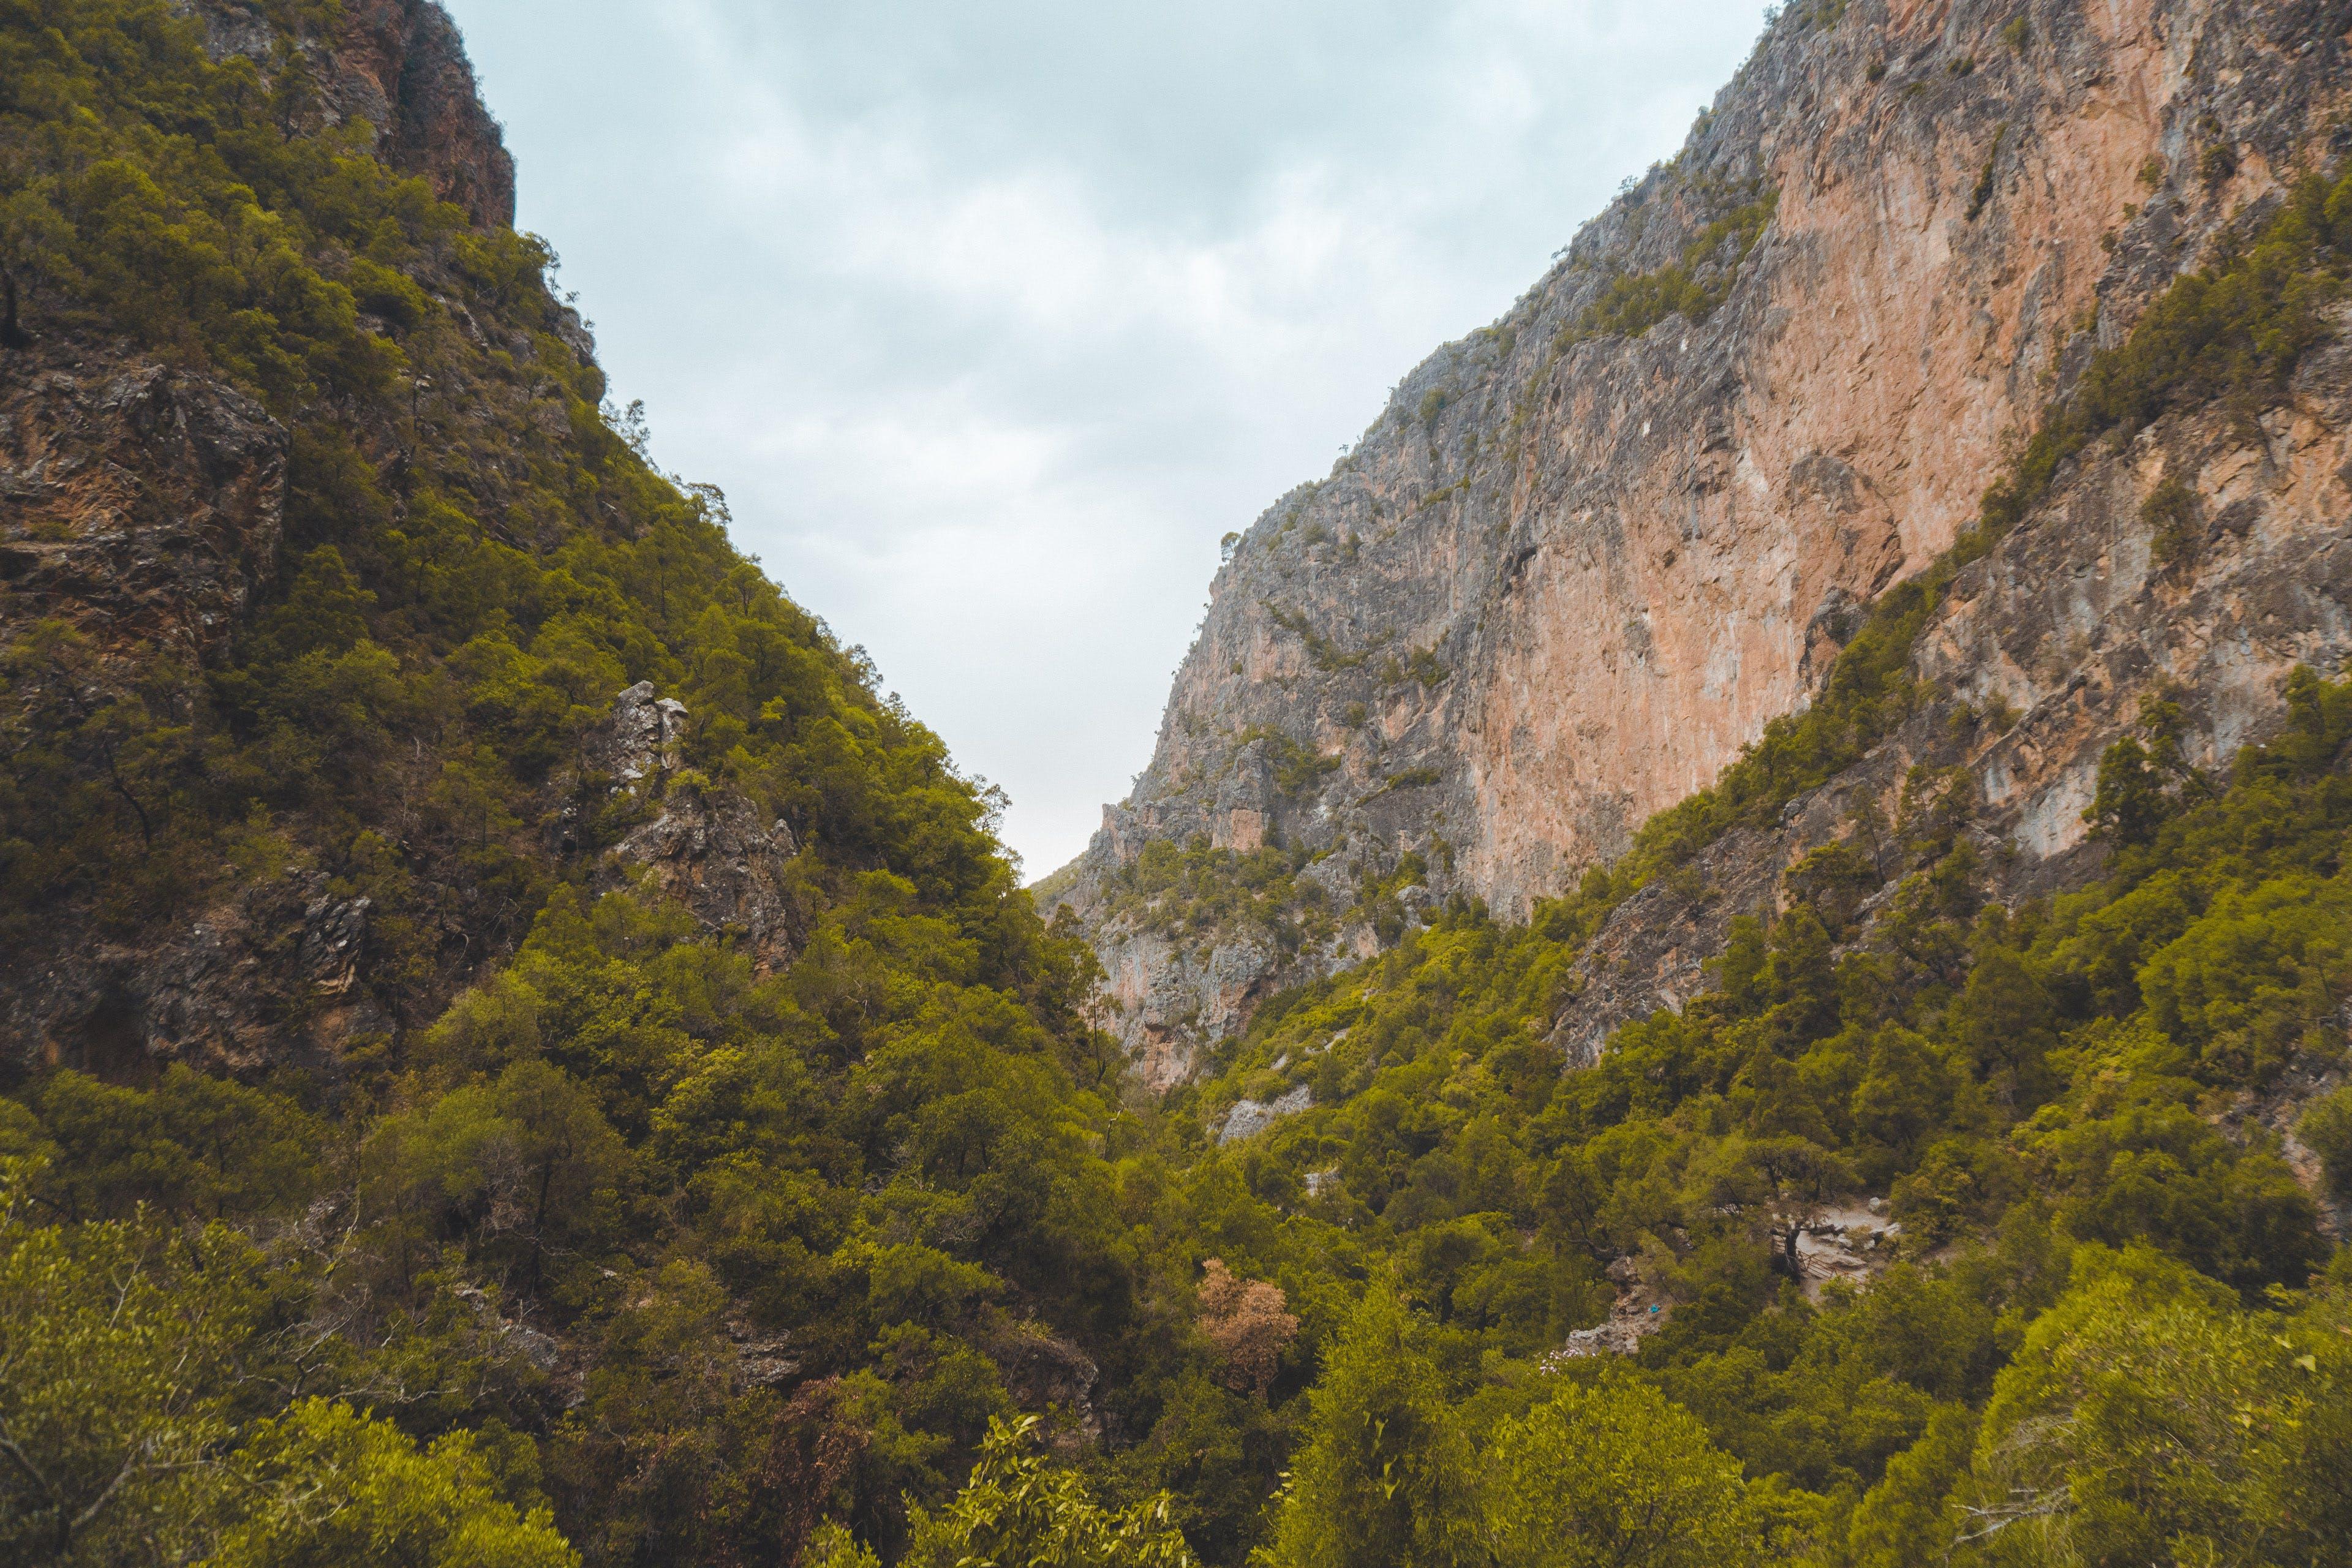 Gratis stockfoto met bergen, bomen, Bos, bossen